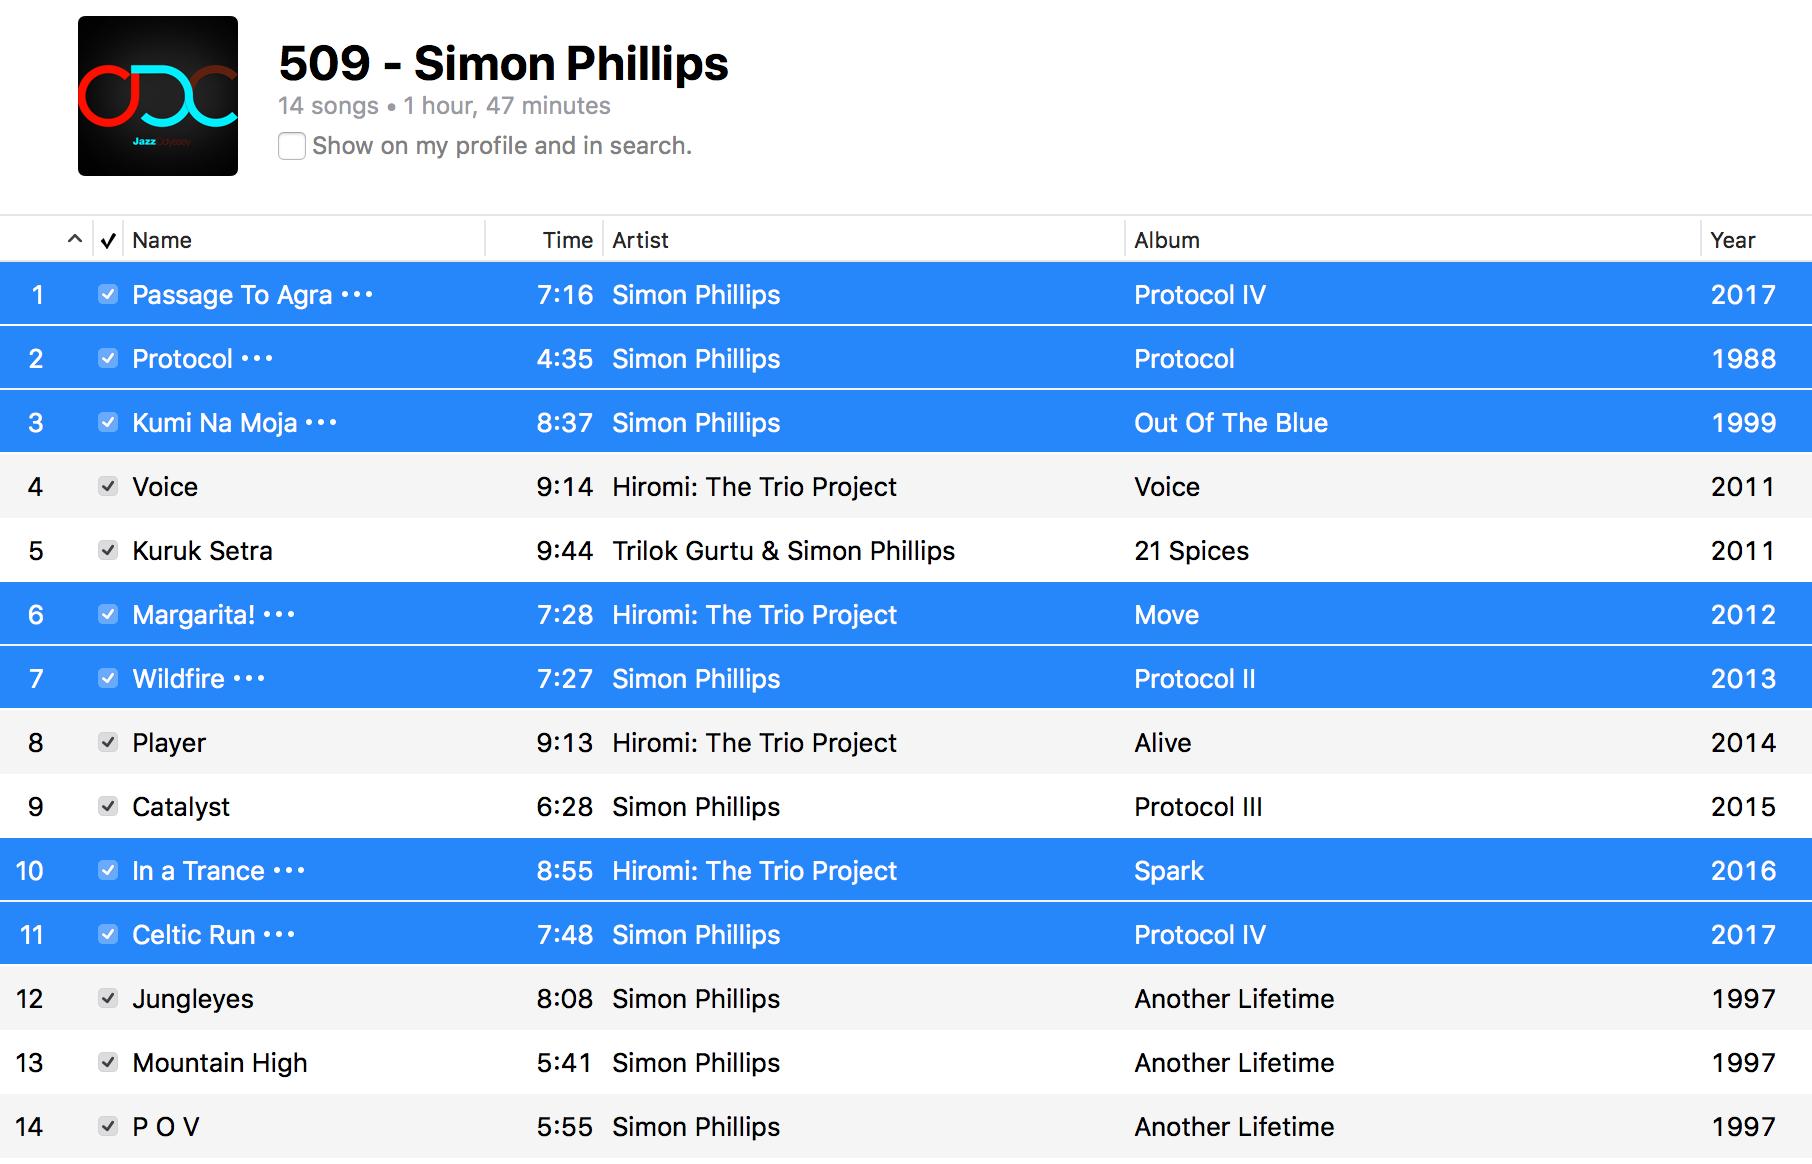 Jazz ODC #509 - Simon Phillips - Playlist